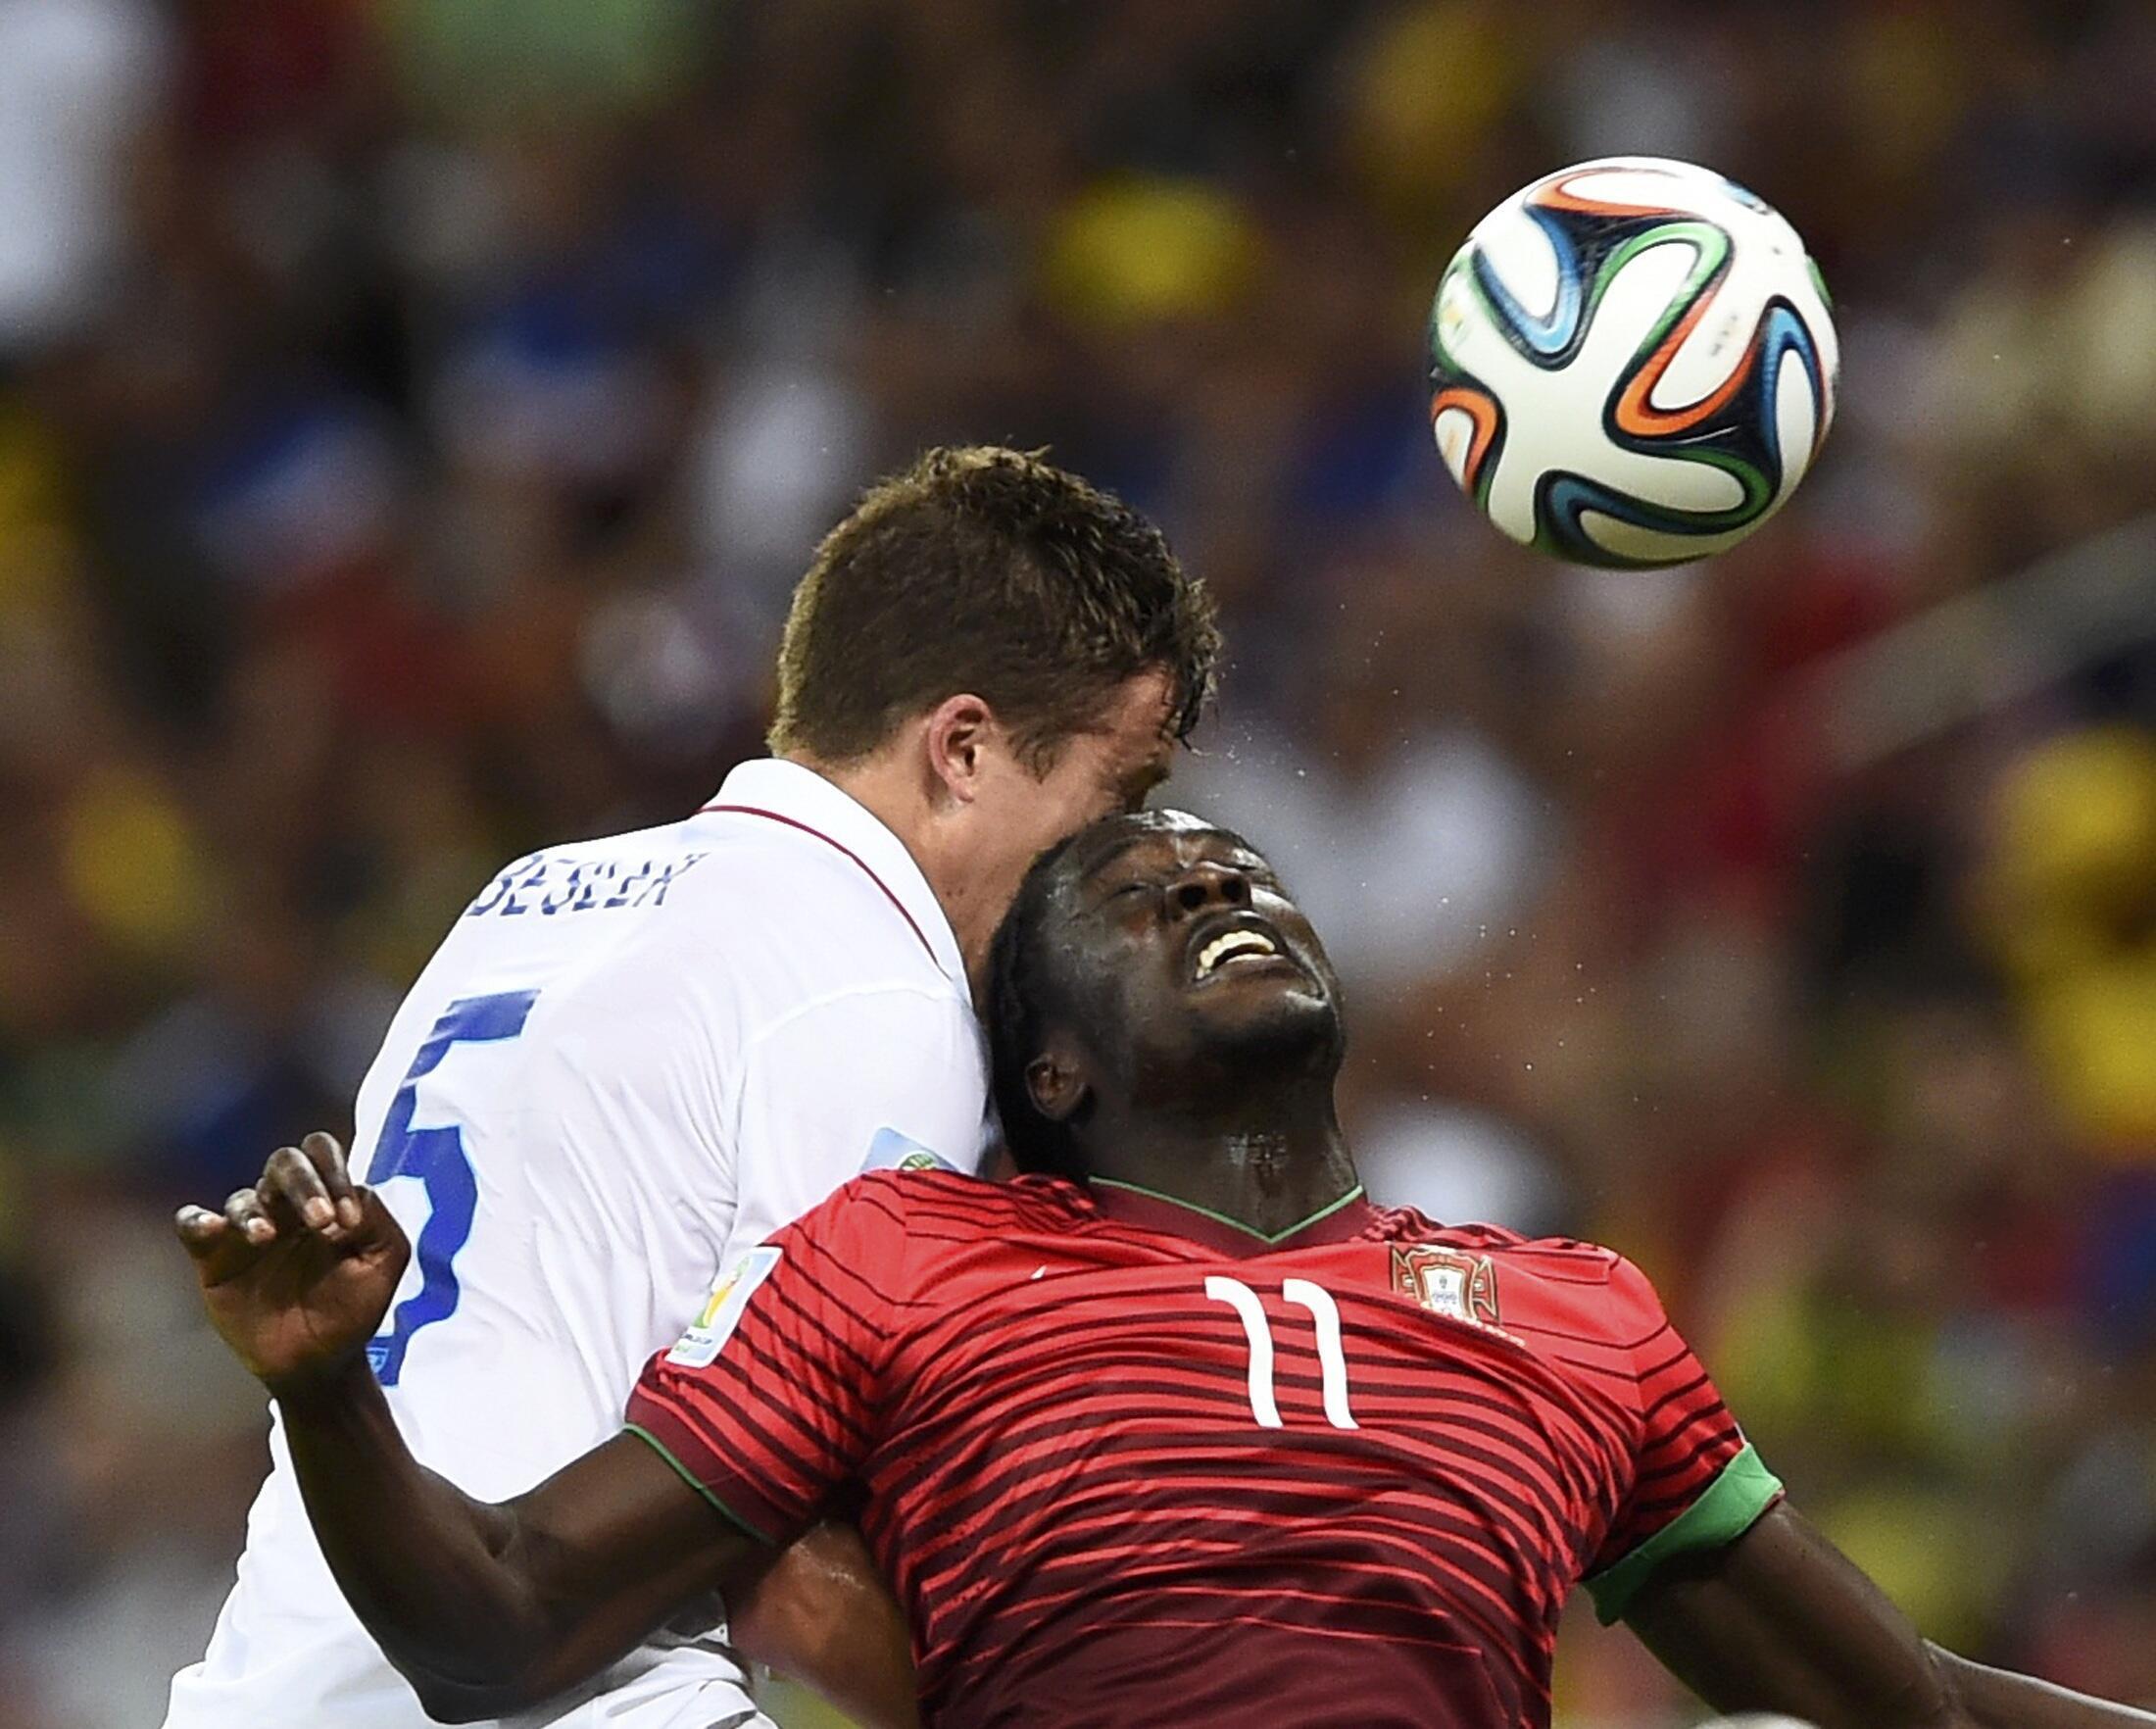 Cầu thủ Bồ Đào Nha Eder (áo đỏ) giành banh với tuyển thủ Mỹ Matt Besler - Reuters /Dylan Martinez